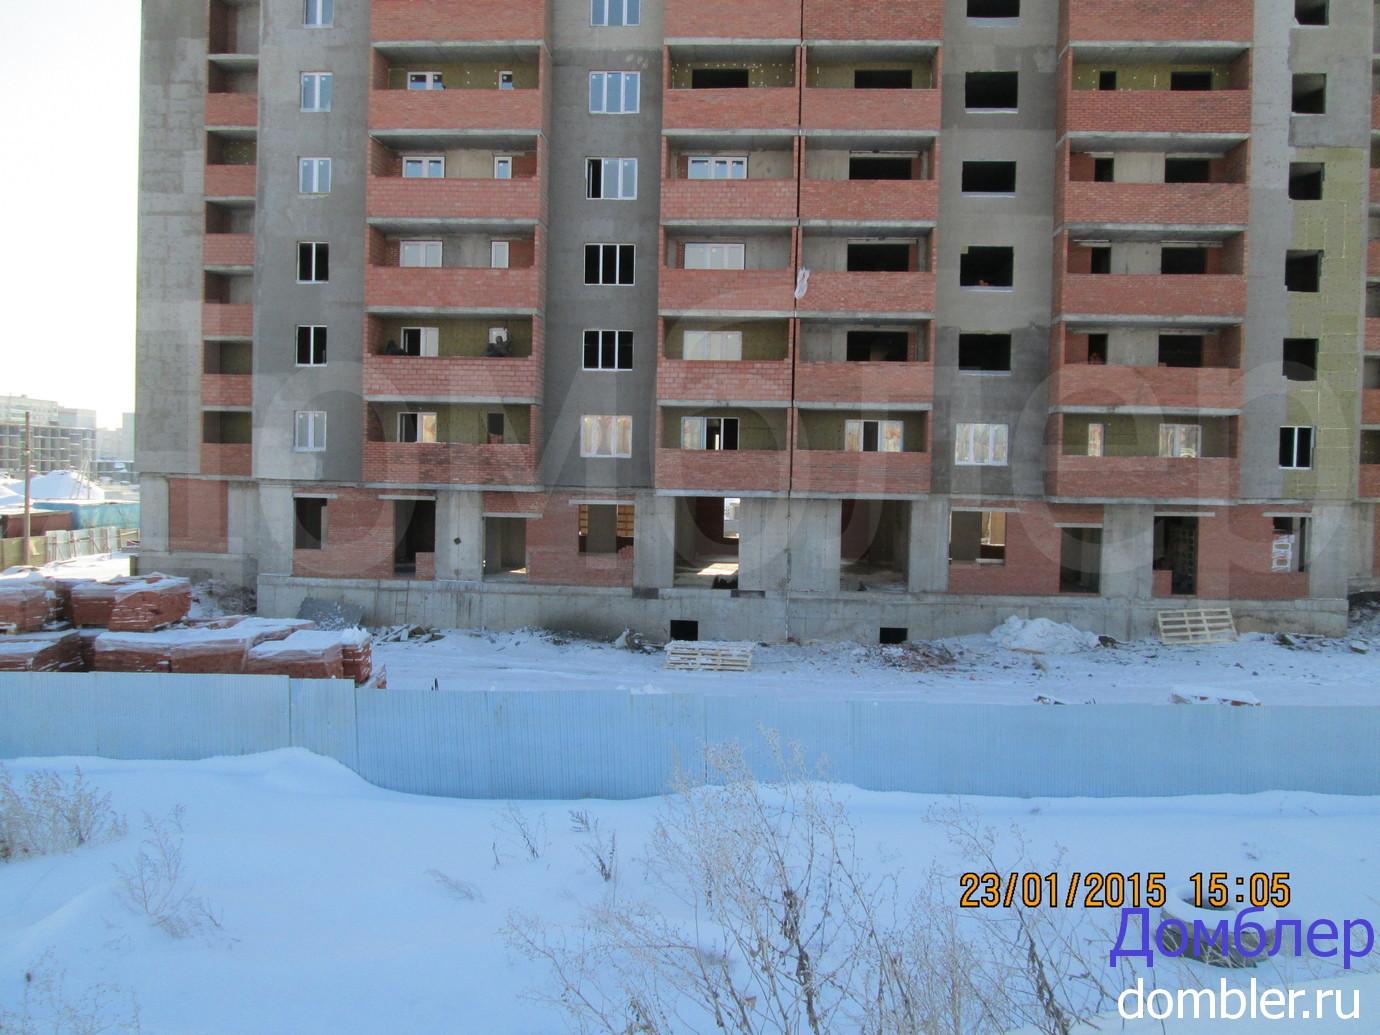 О завершении строительства многоквартирного жилого дома в 4 микрорайоне поселка заозерный